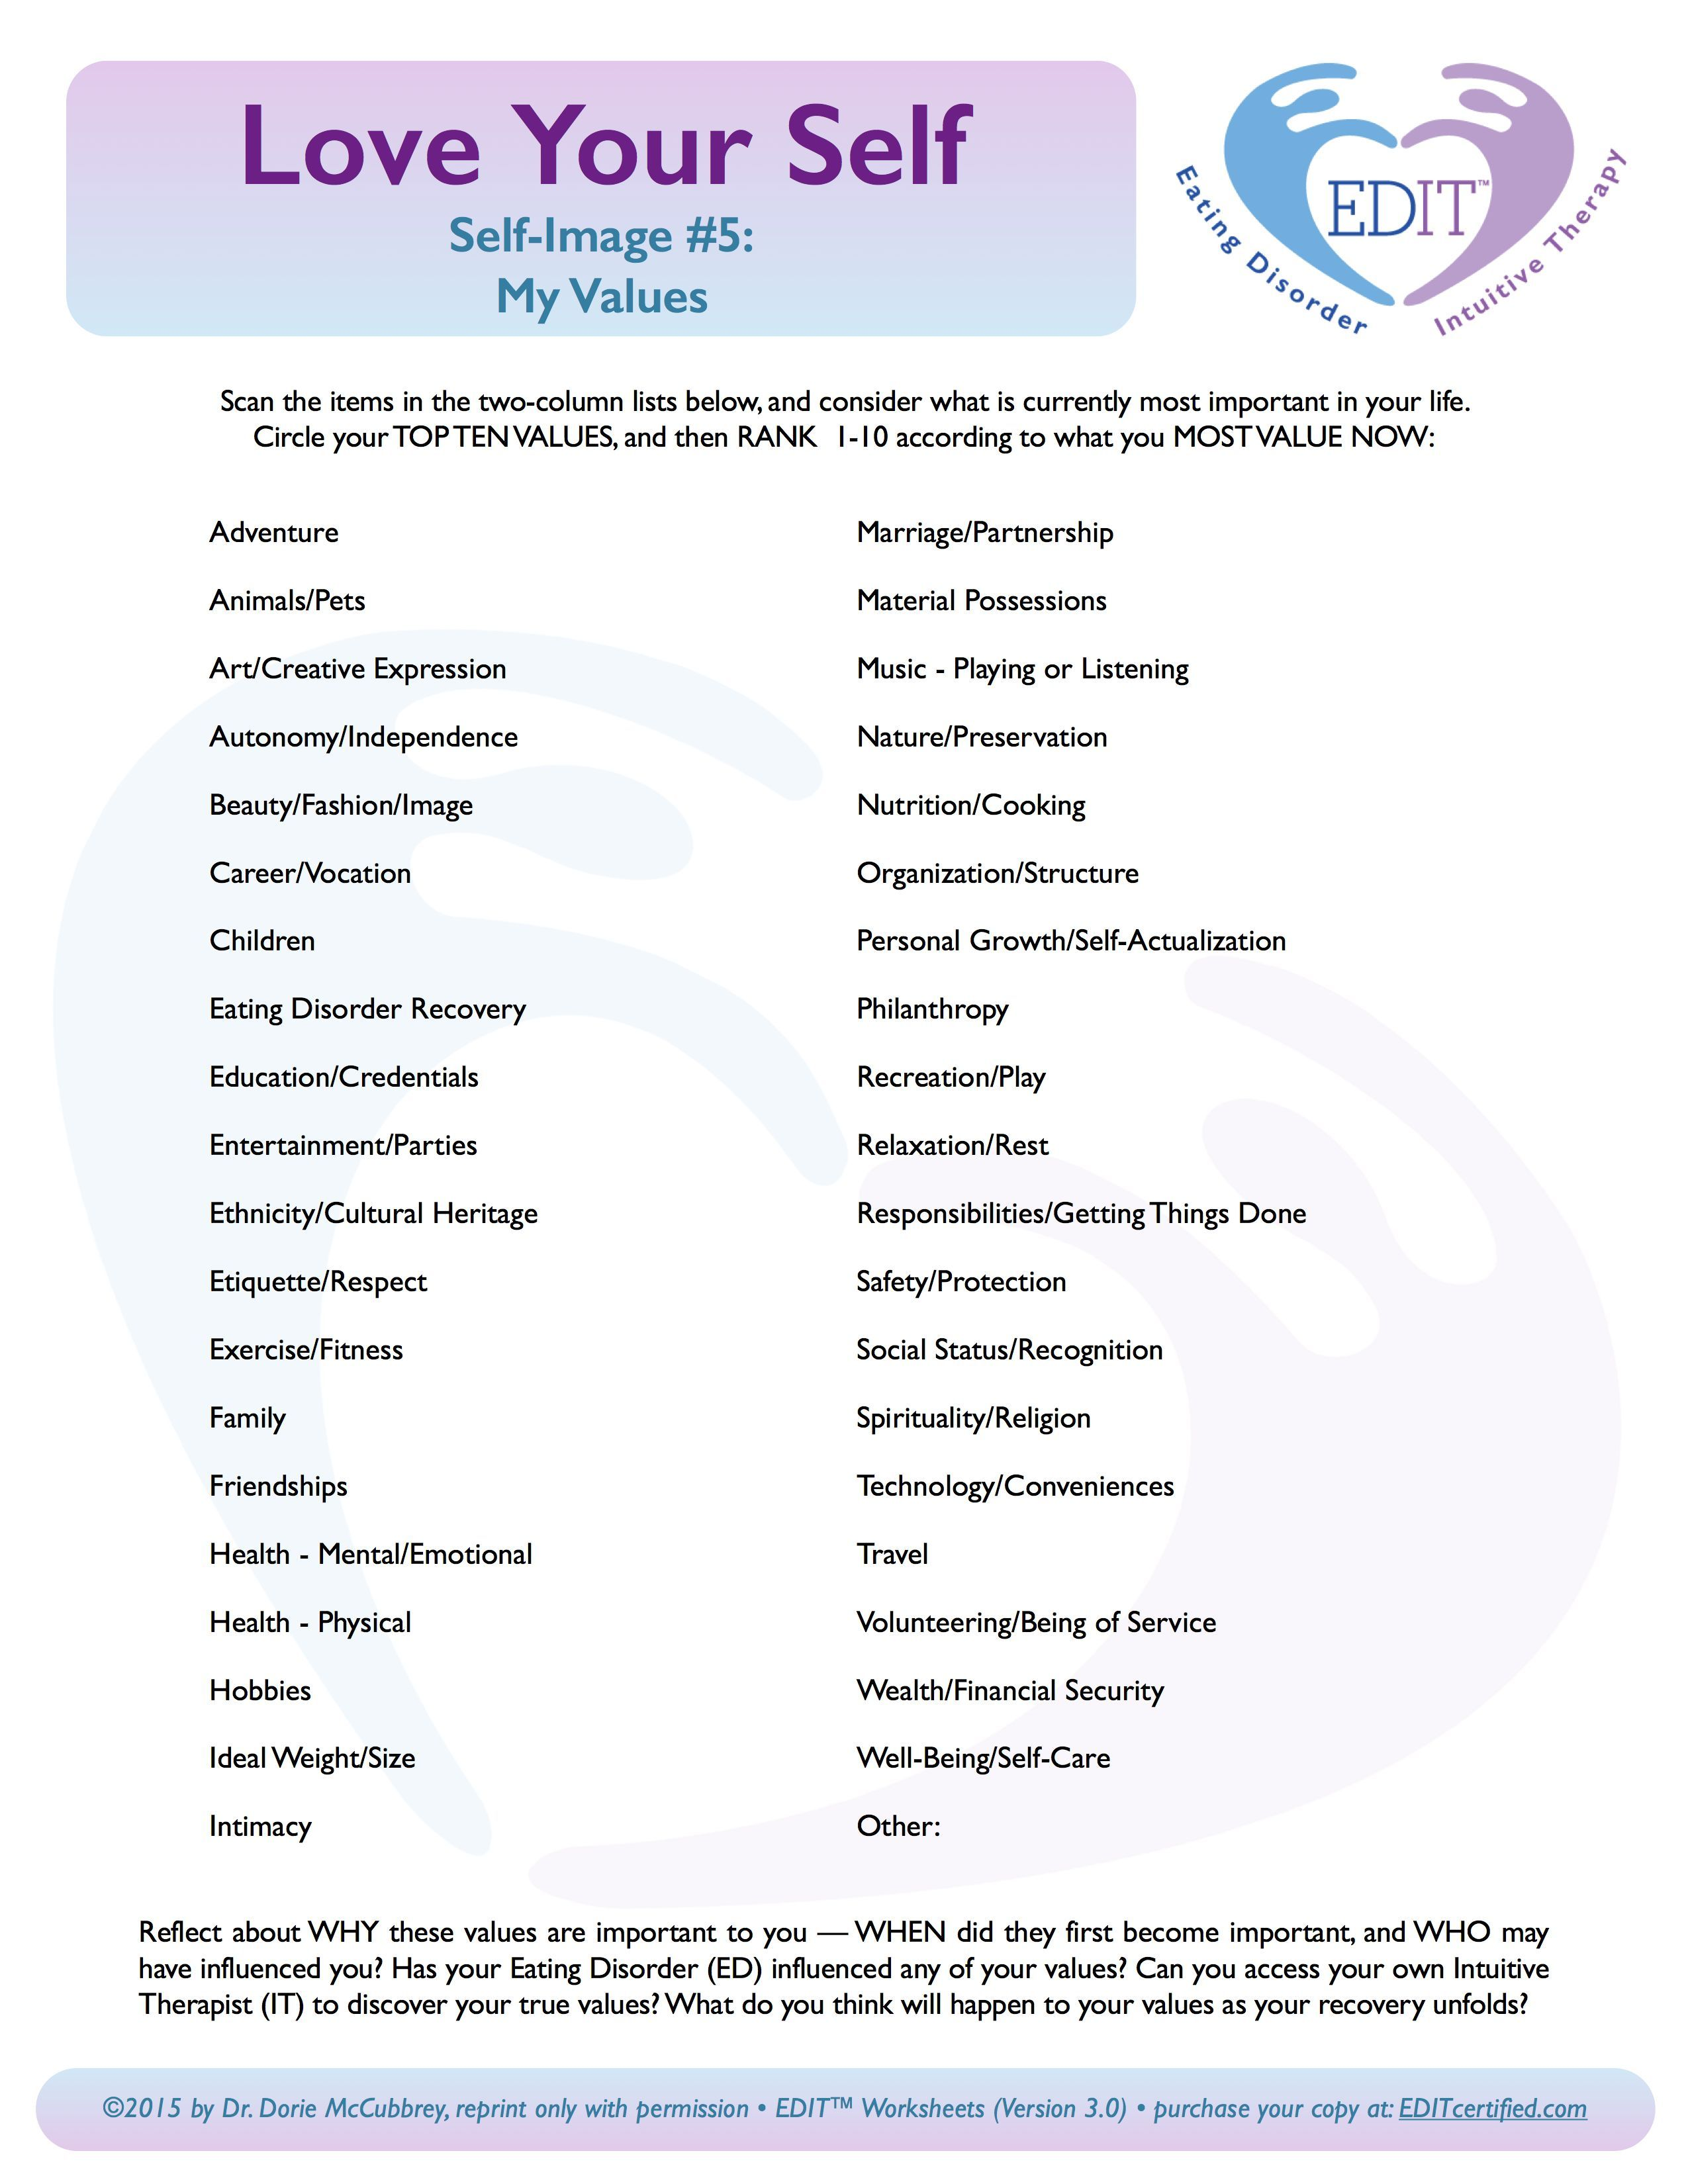 Values Clarification Worksheet